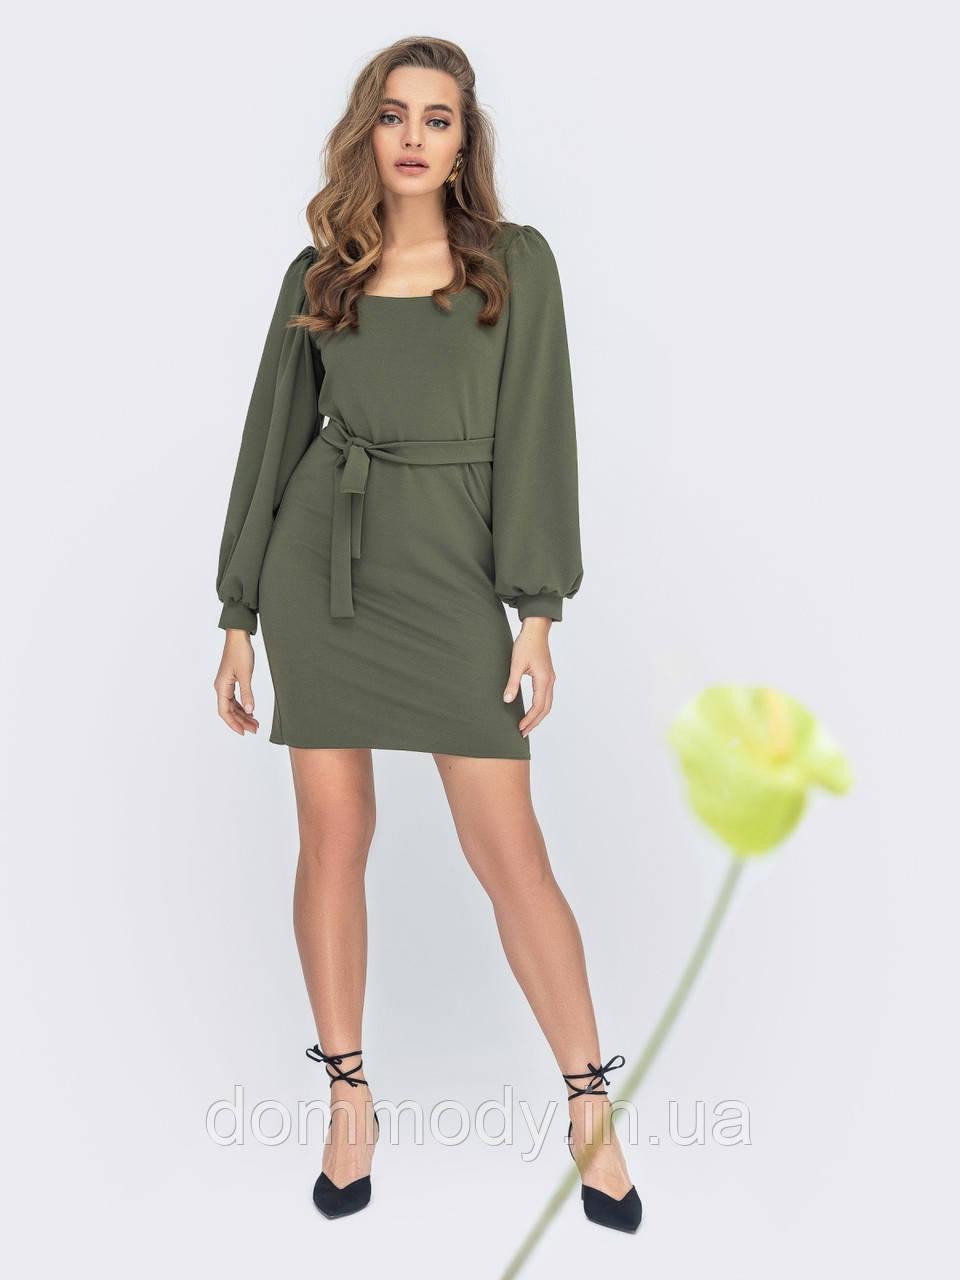 Платье женское Fiona  olive